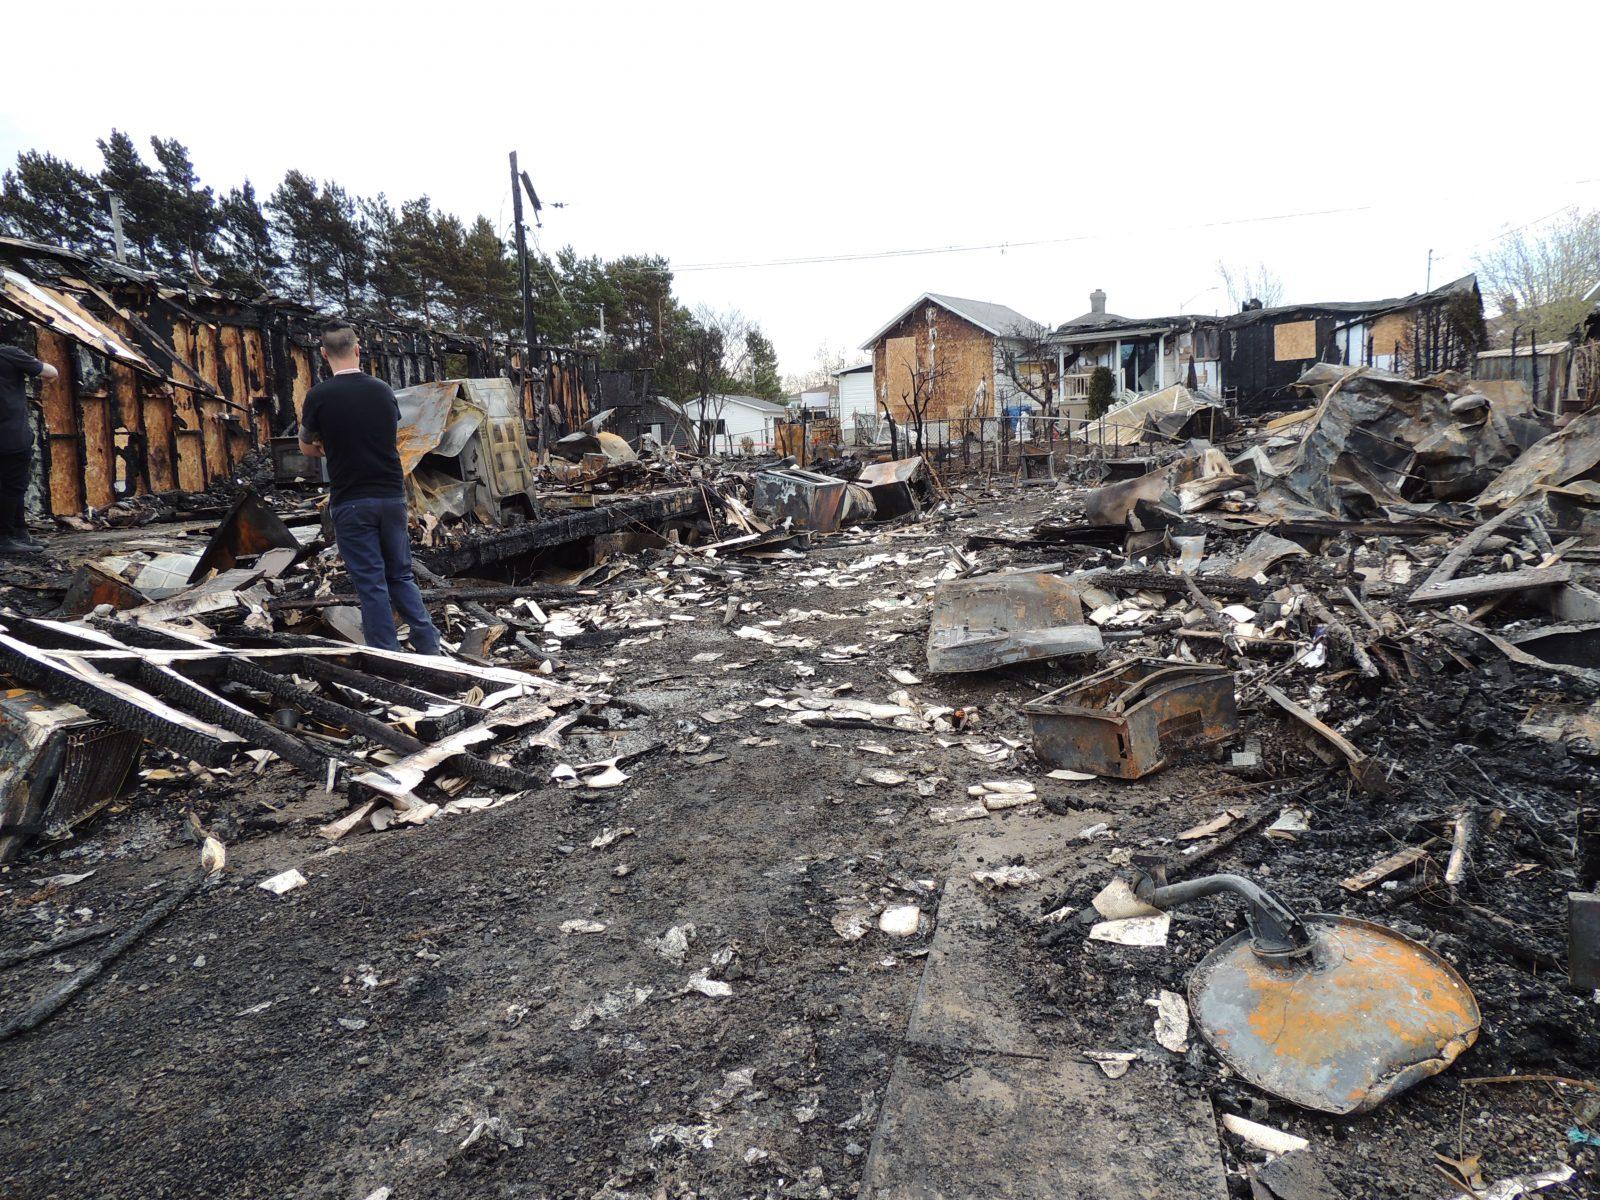 Un décor apocalyptique après l'incendie